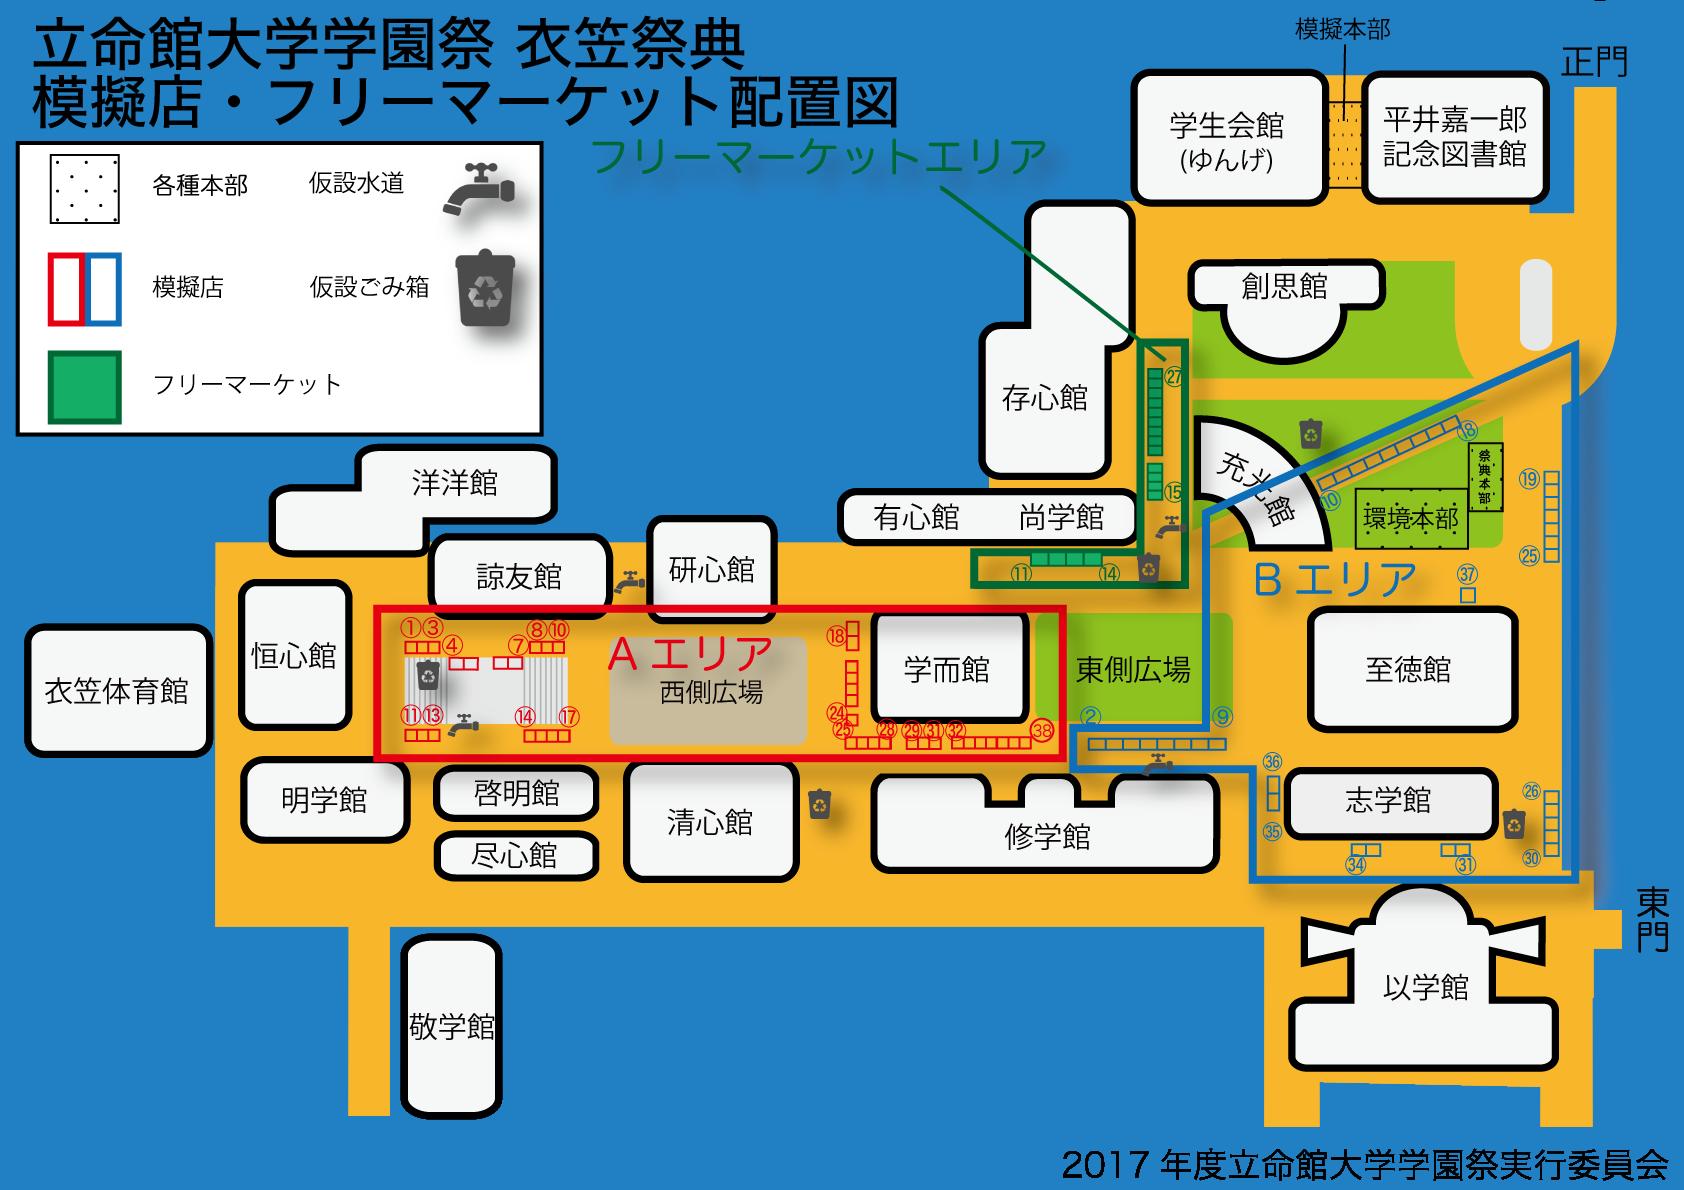 【1120】17模擬店エリアわけ